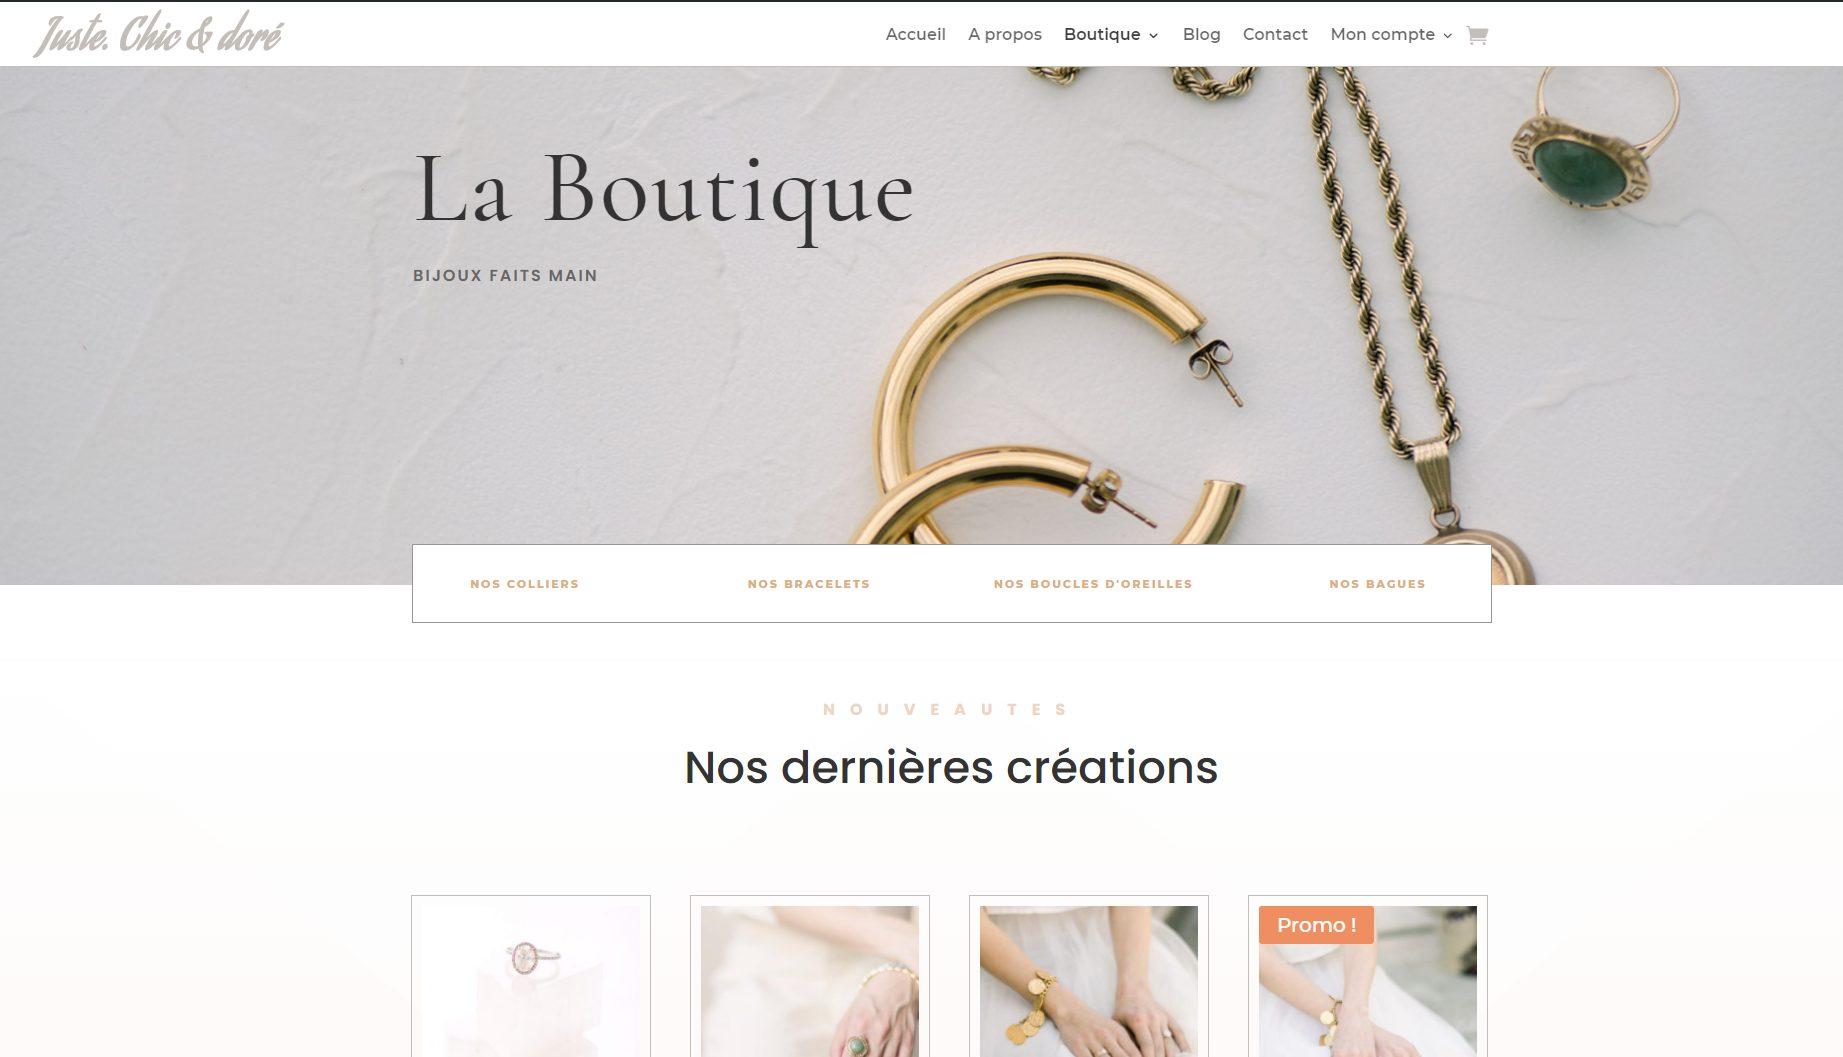 Site Juste Chic et Doré